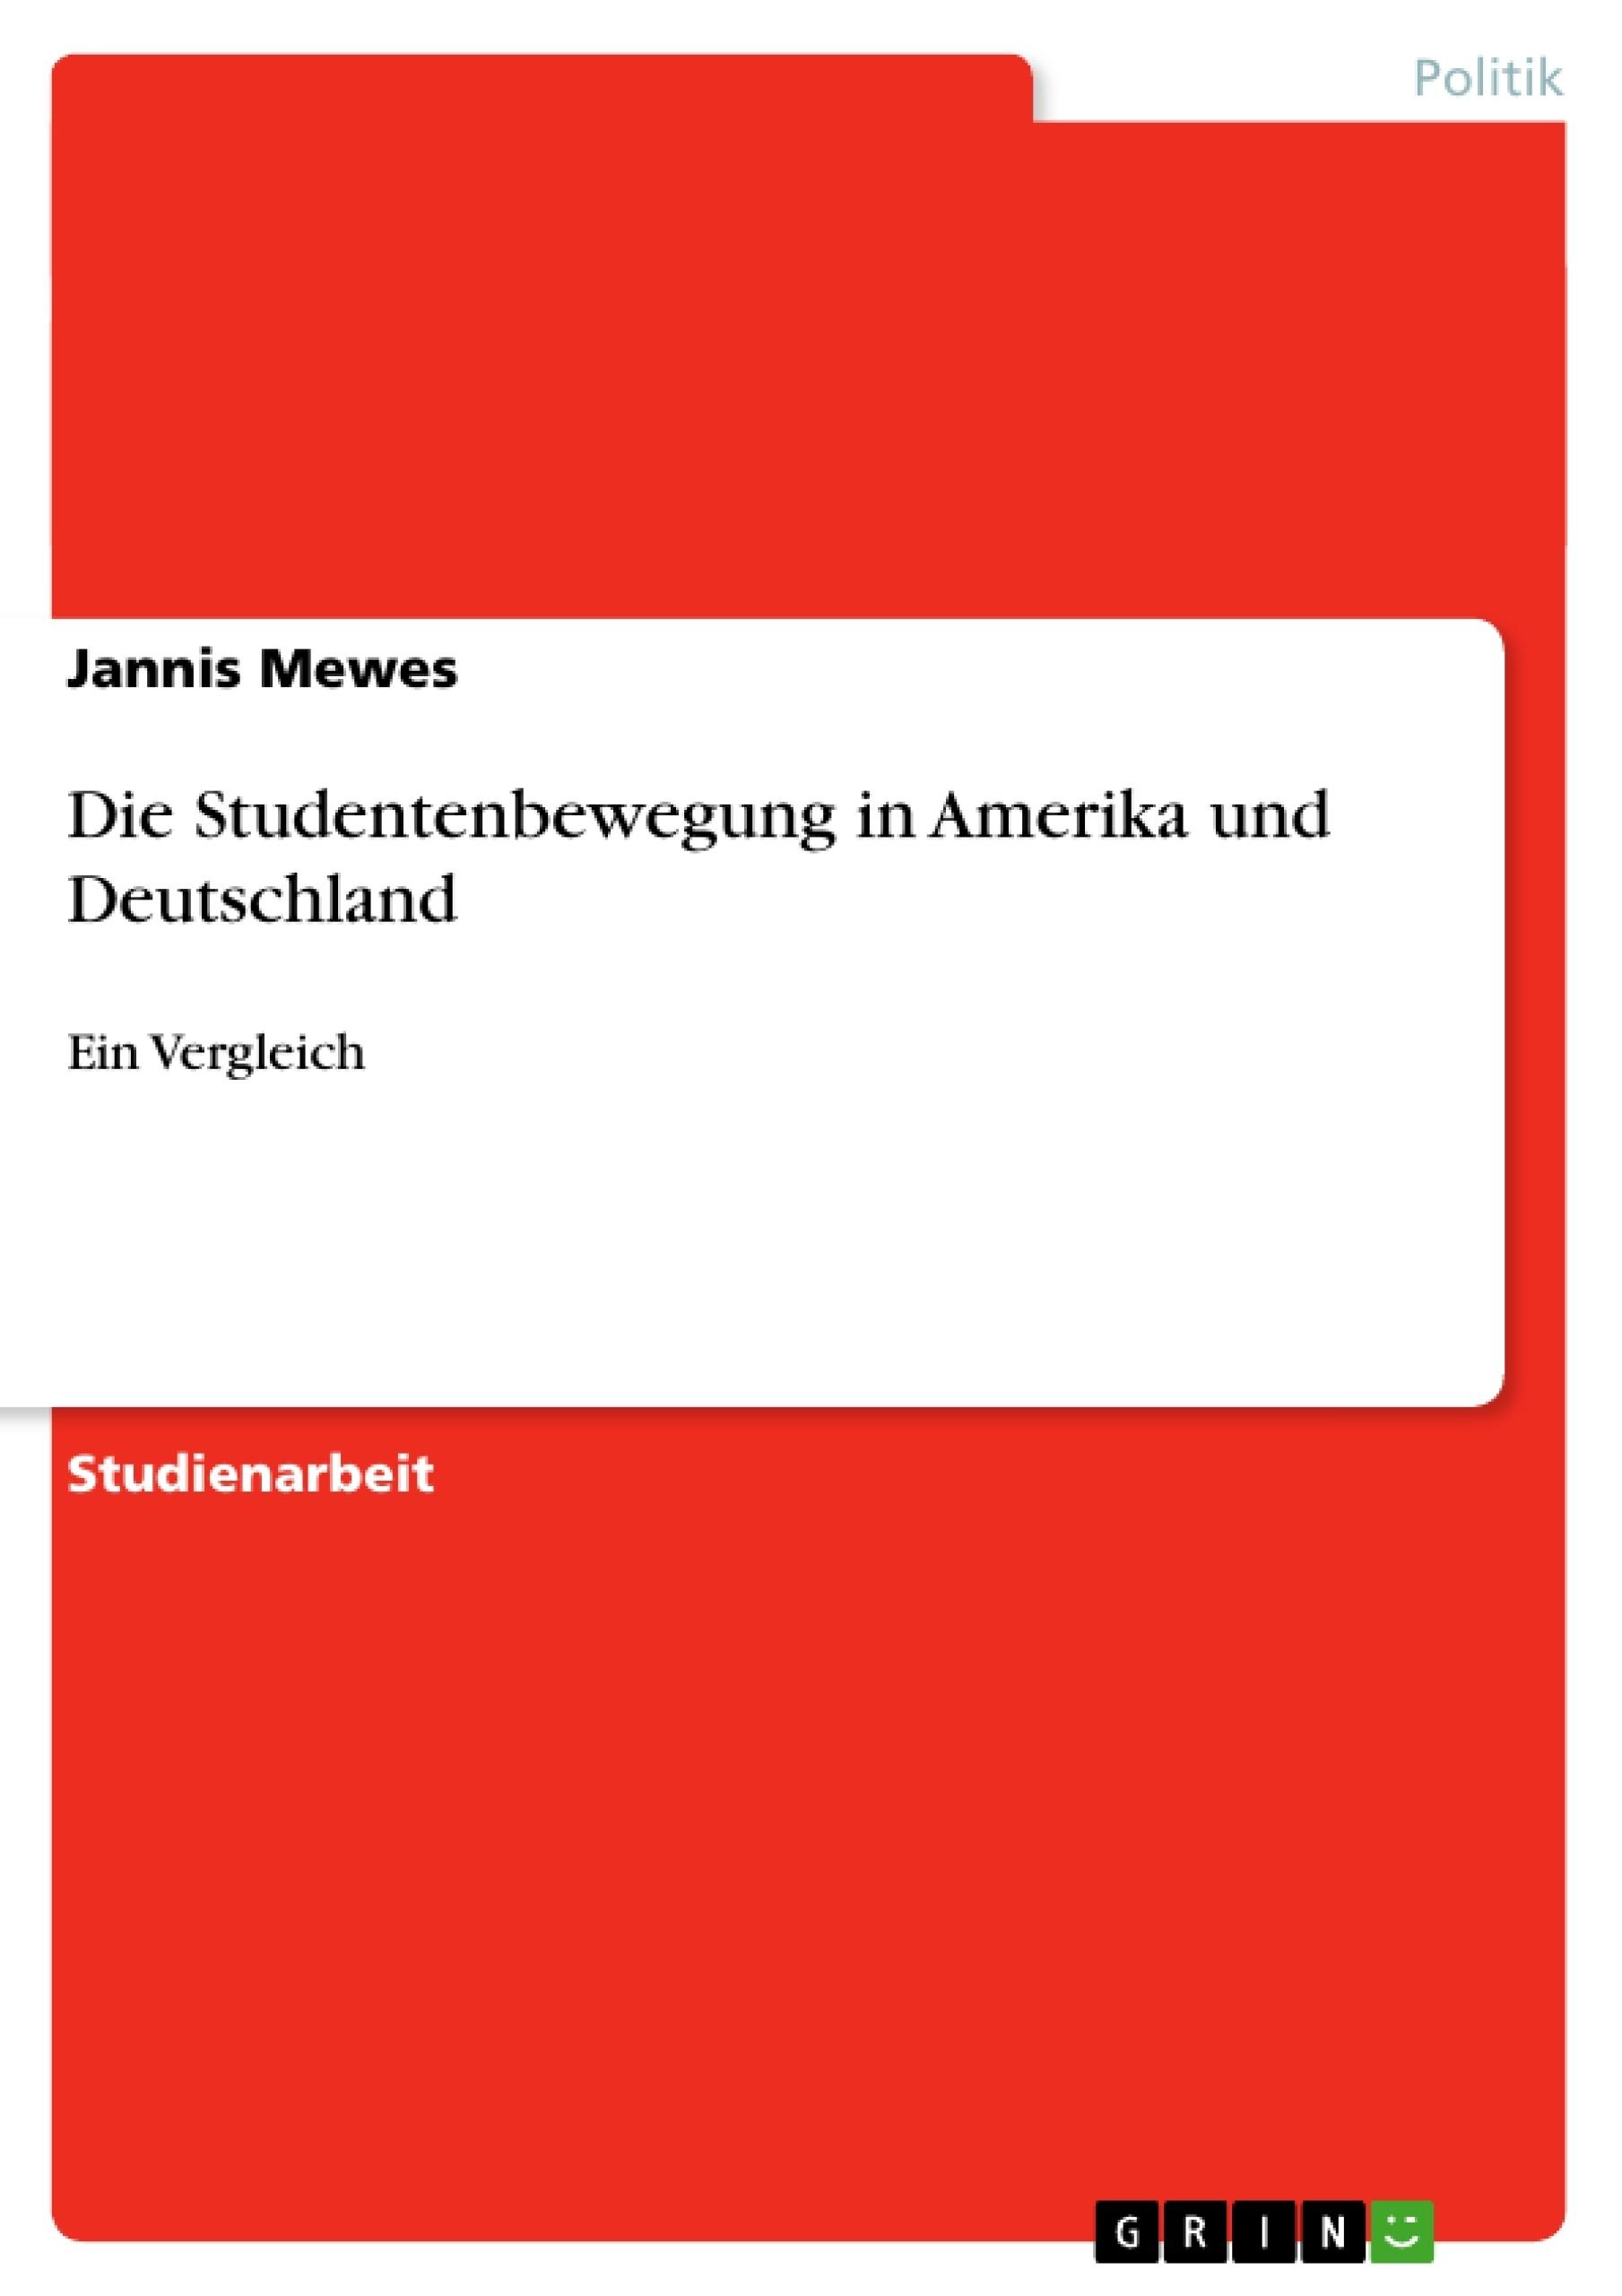 Titel: Die Studentenbewegung in Amerika und Deutschland